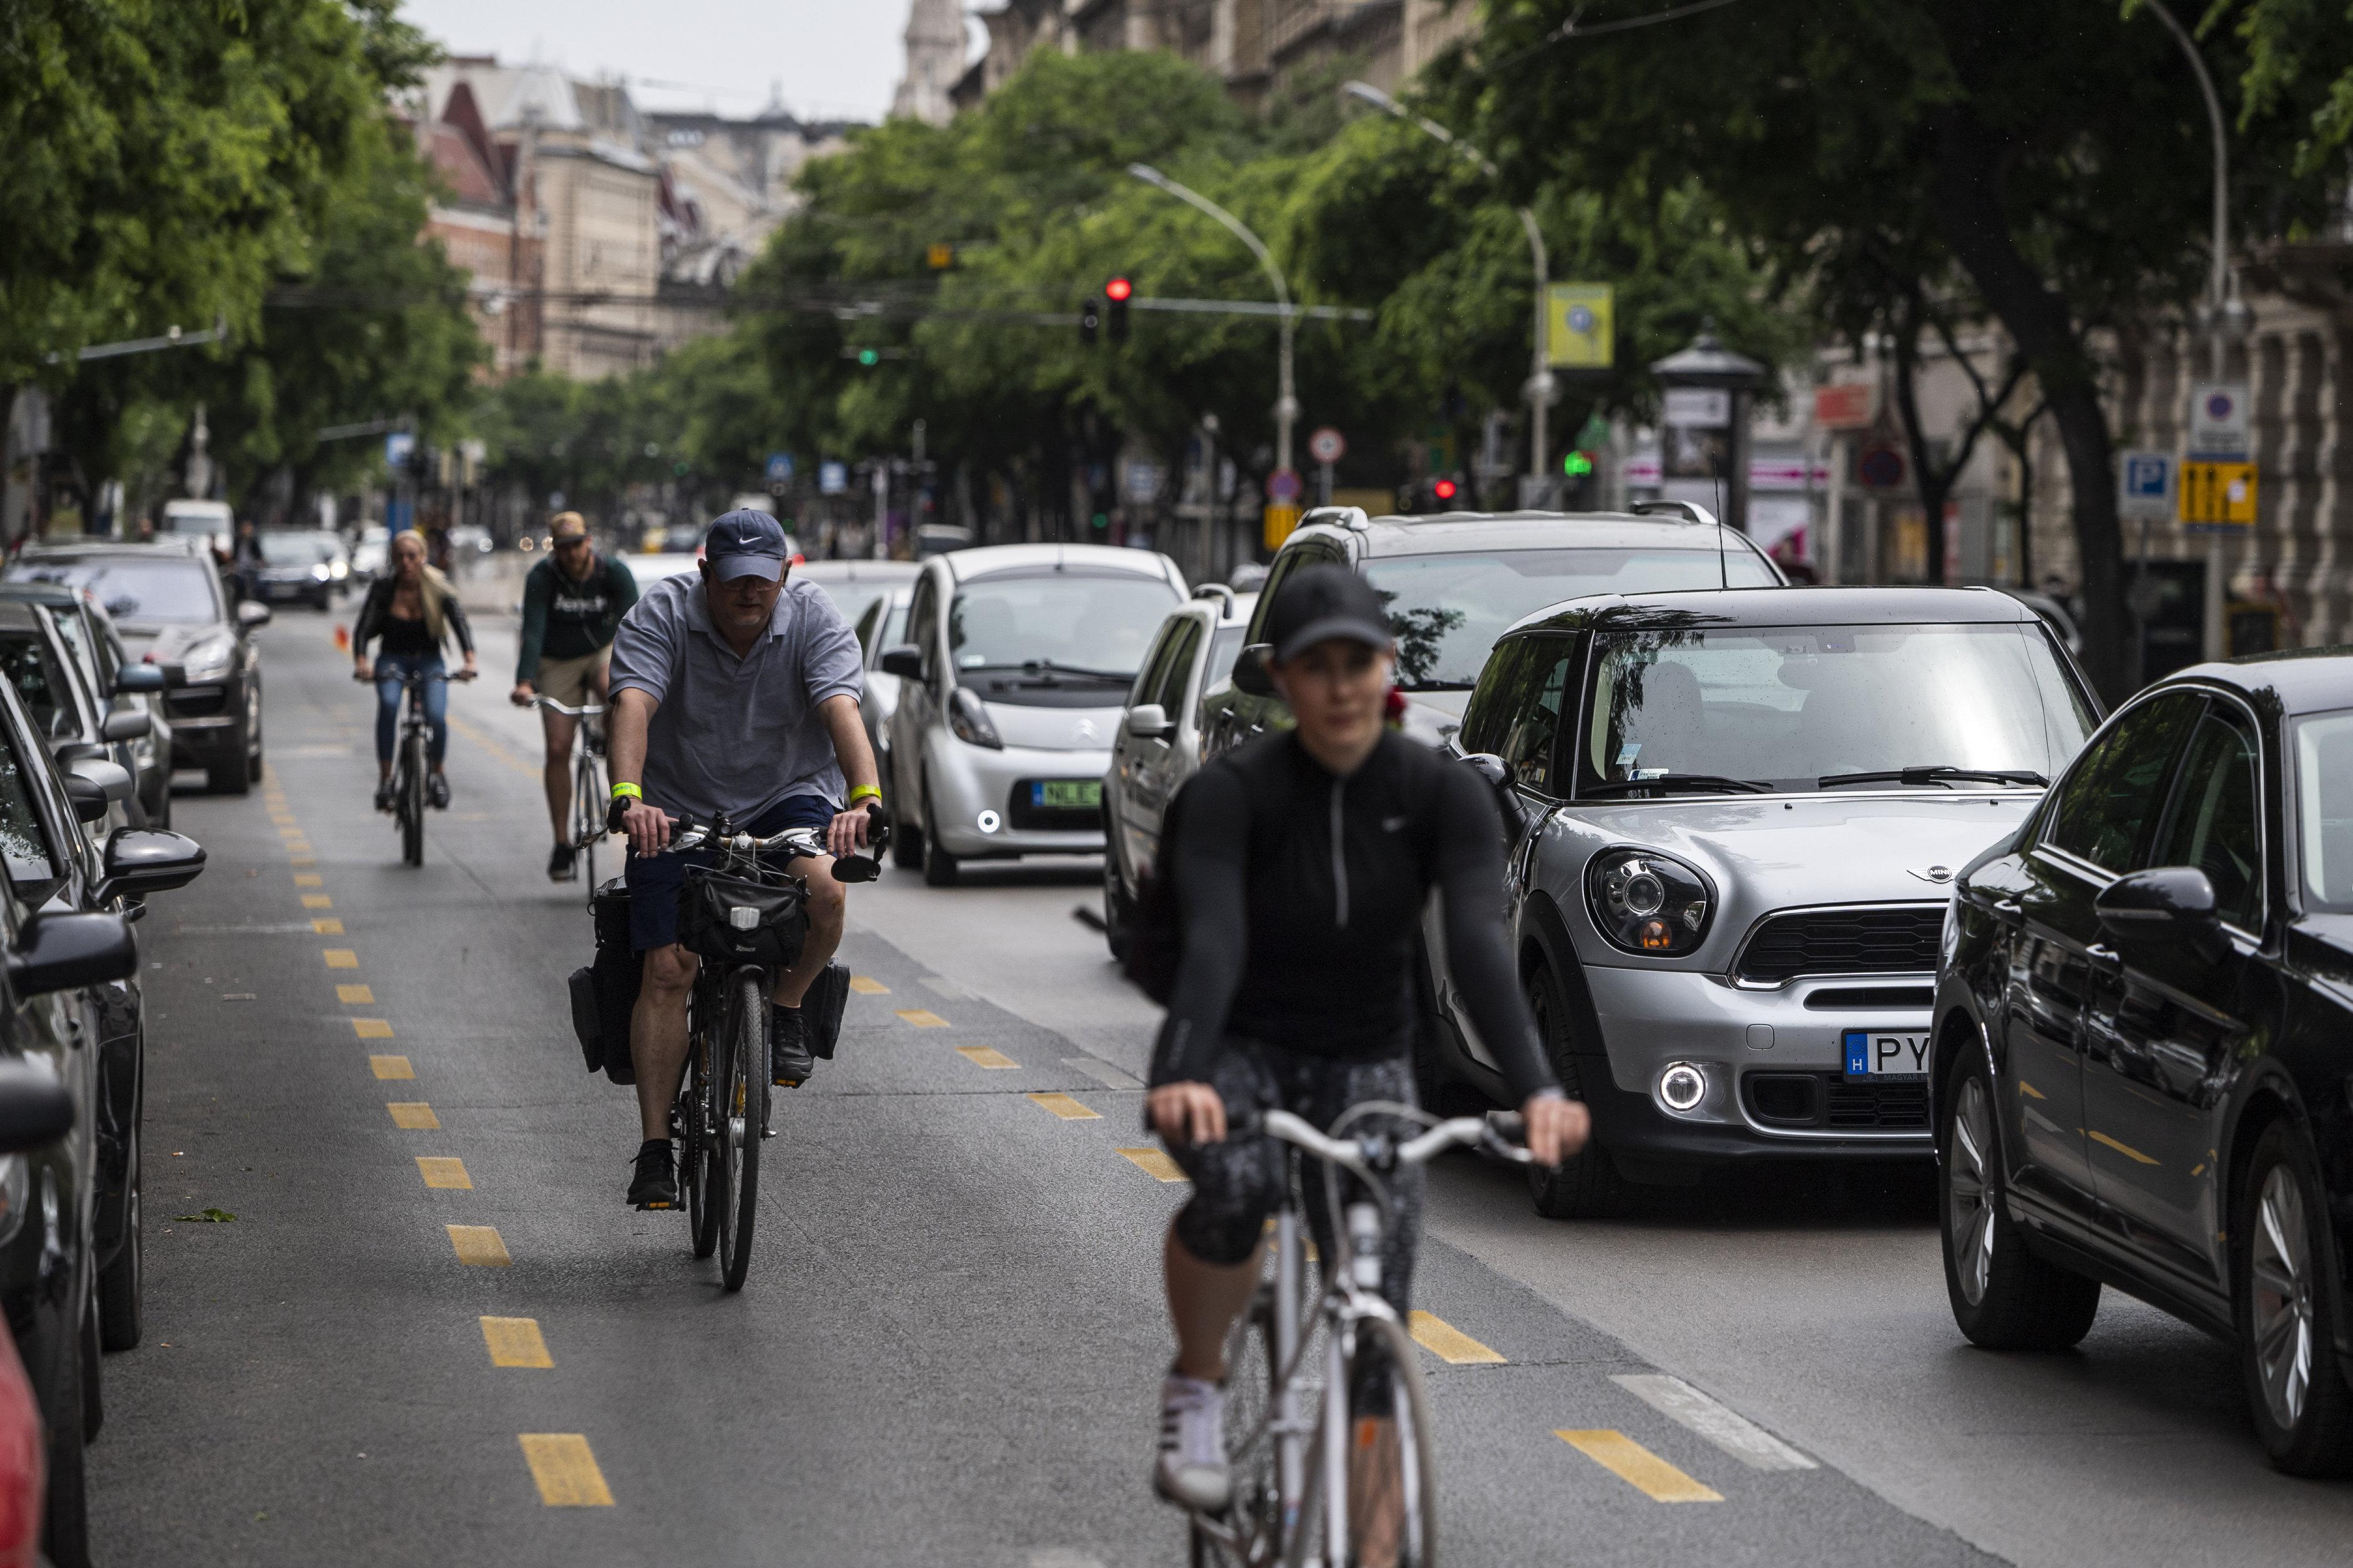 Decemberben 61 százalékkal többen bicikliztek Budapesten, mint egy évvel korábban